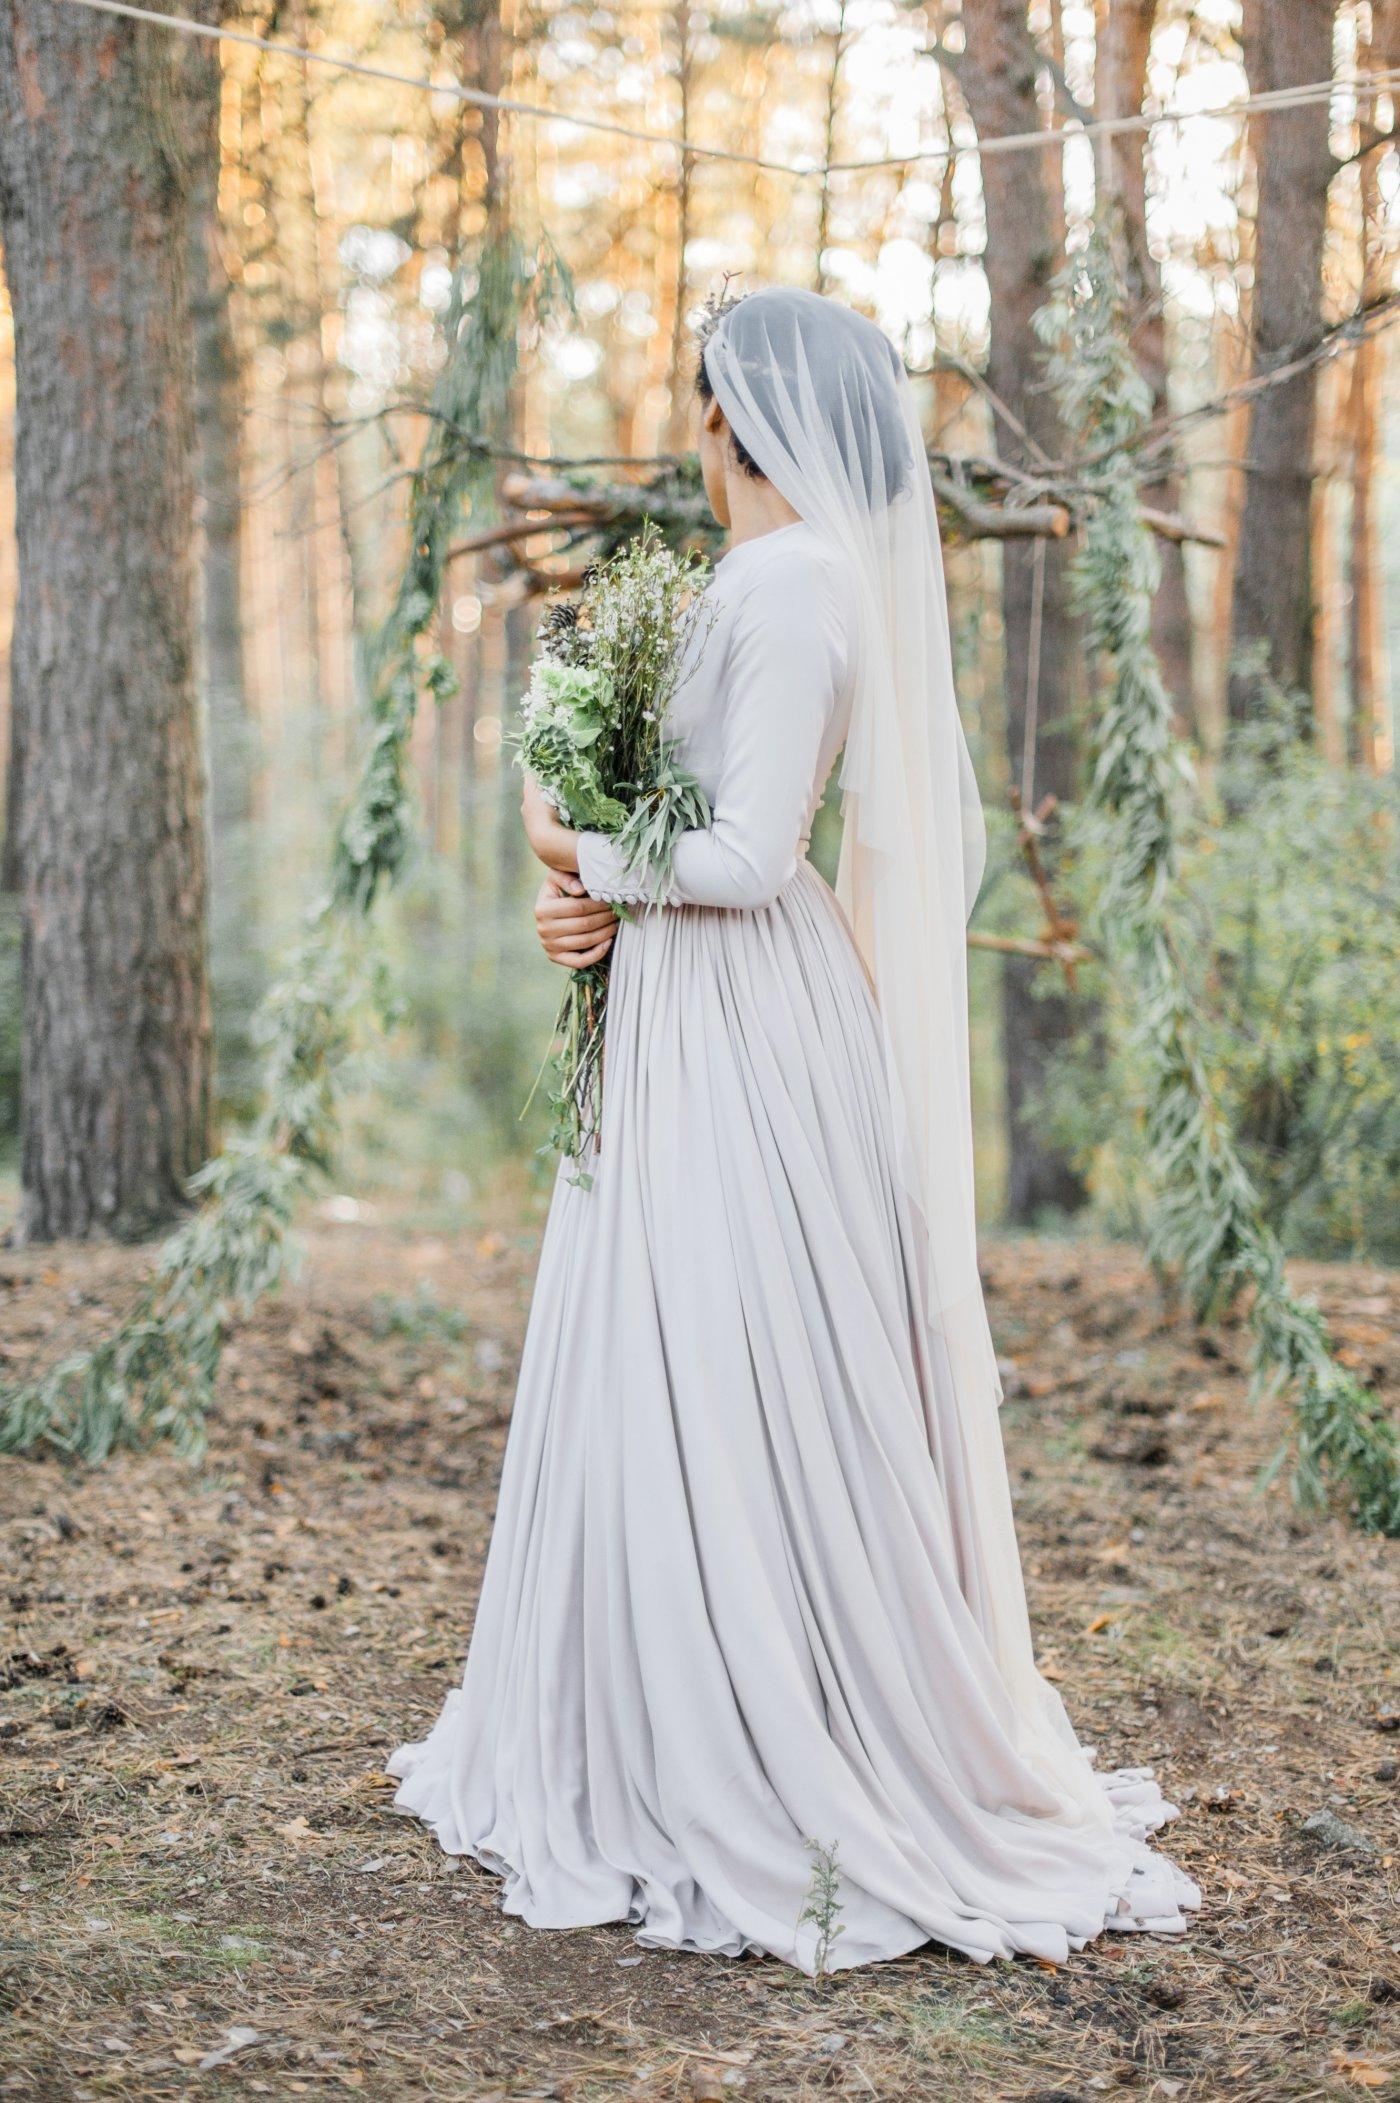 Edward telles wedding